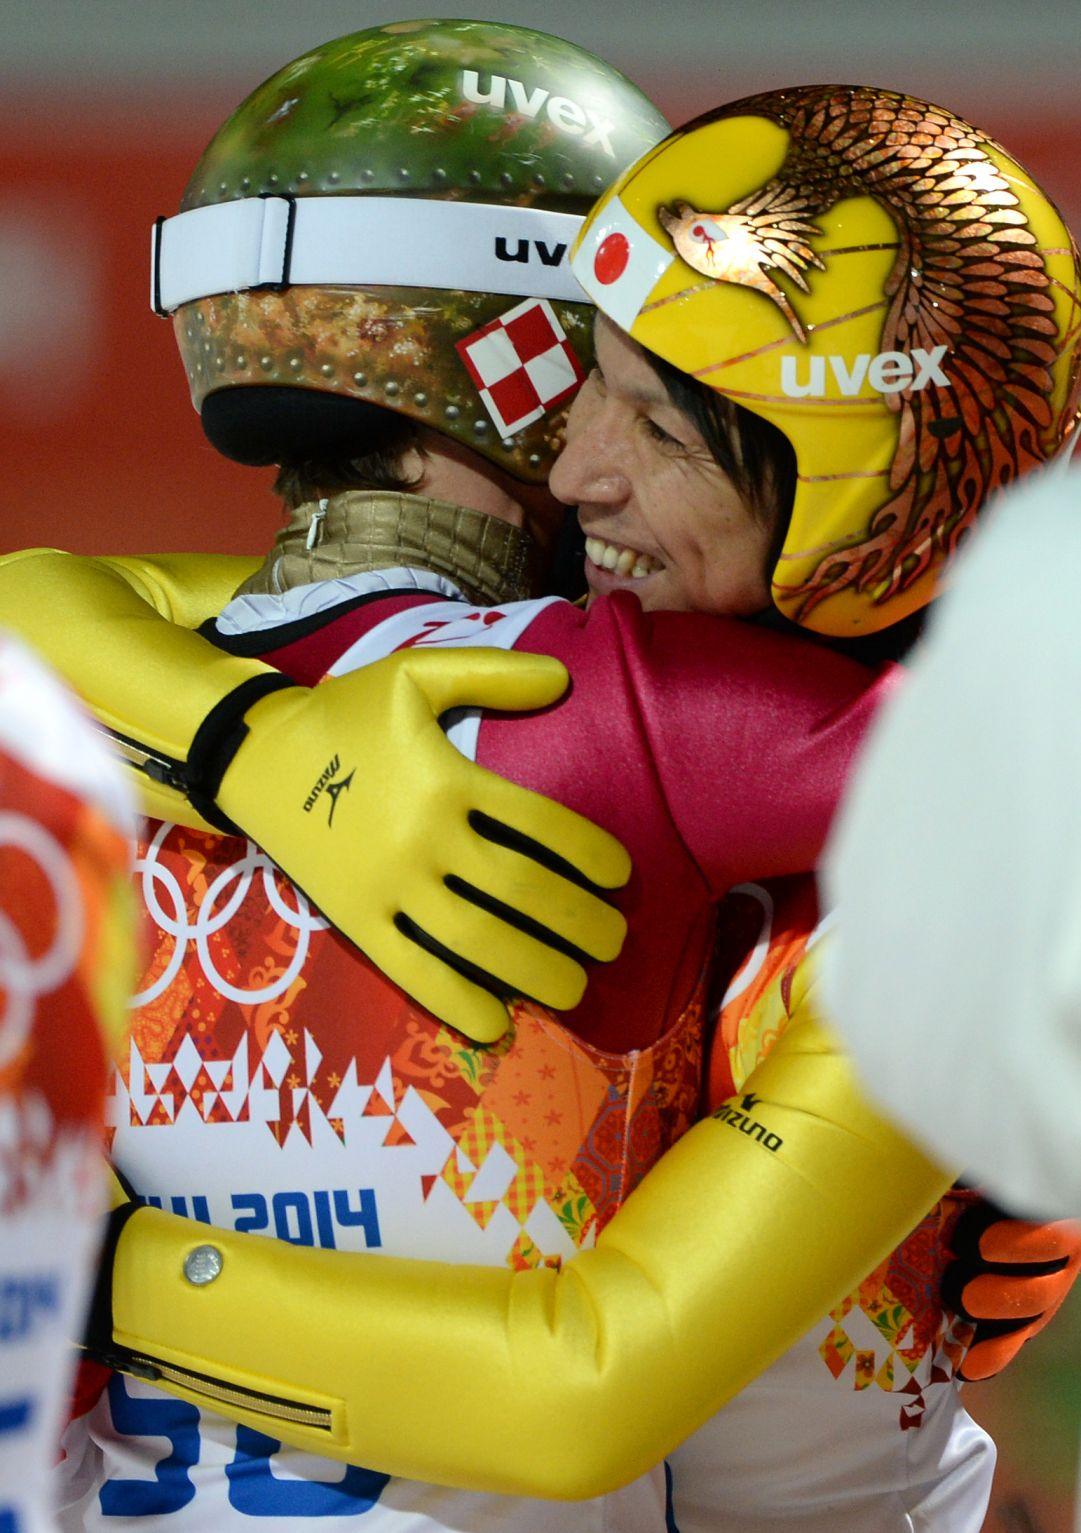 Doppietta olimpica per Kamil Stoch, entra nella leggenda con Noriaki Kasai